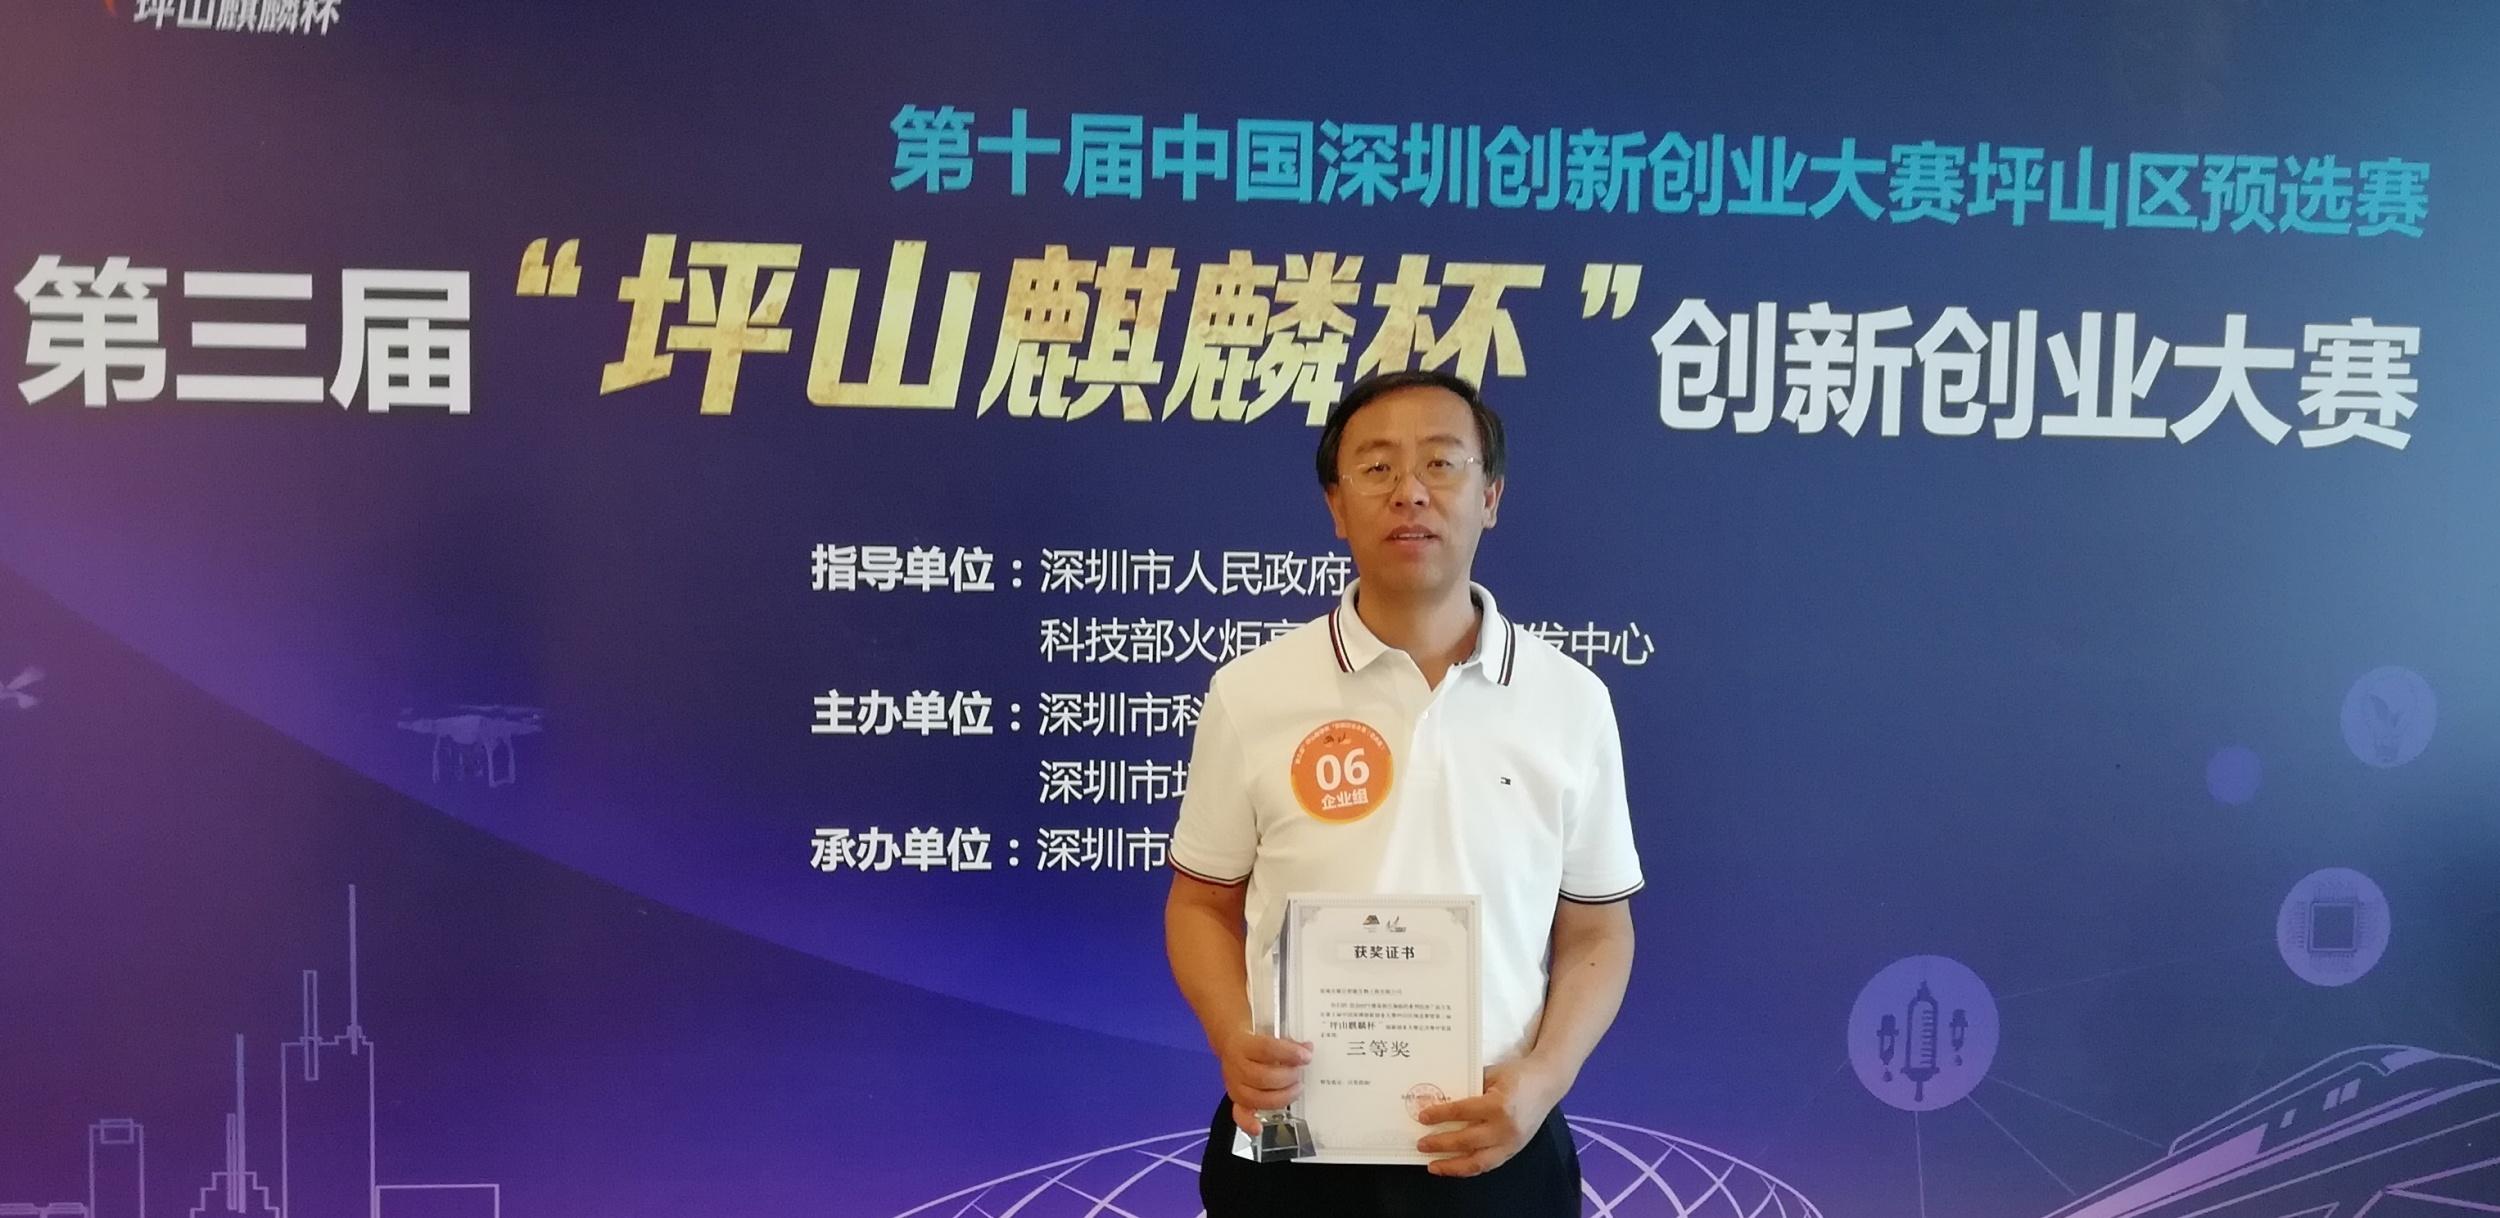 公司荣获坪山区麒麟杯创新创业大赛三等奖